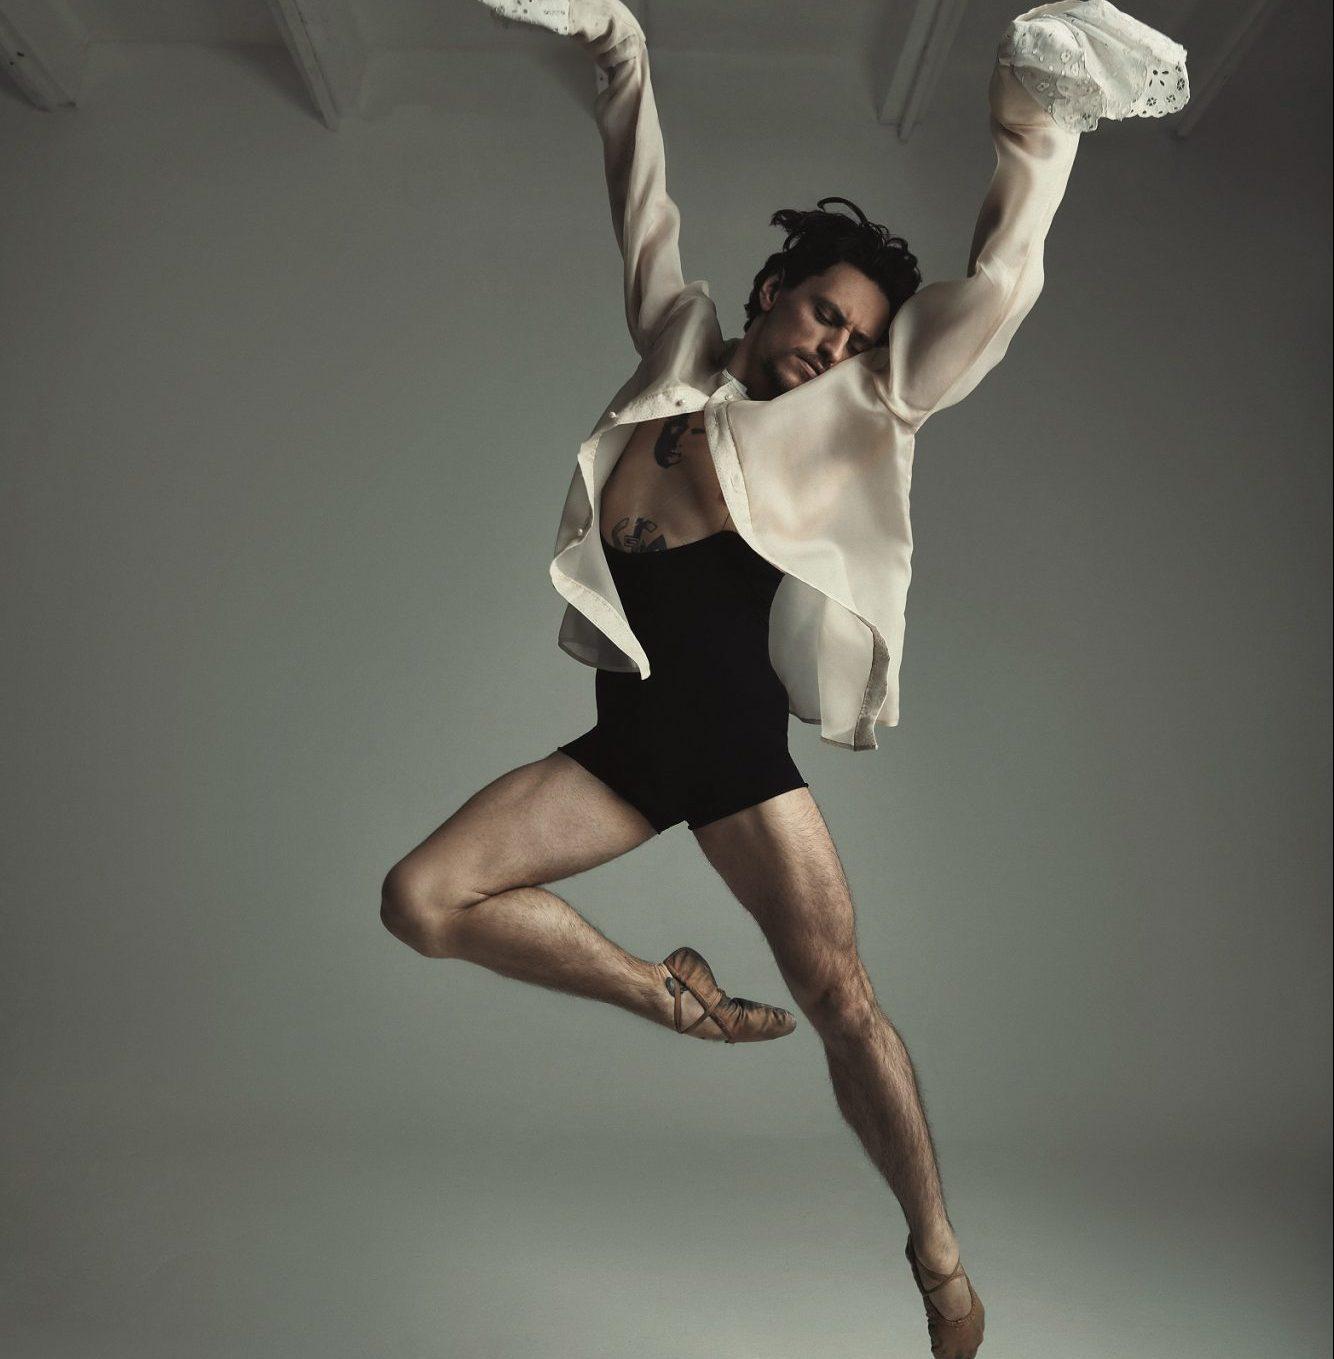 Παγκόσμια Ημέρα Χορού: Ο κορυφαίος χορευτής μπαλέτου, Sergei Polunin μιλά στο ELLE